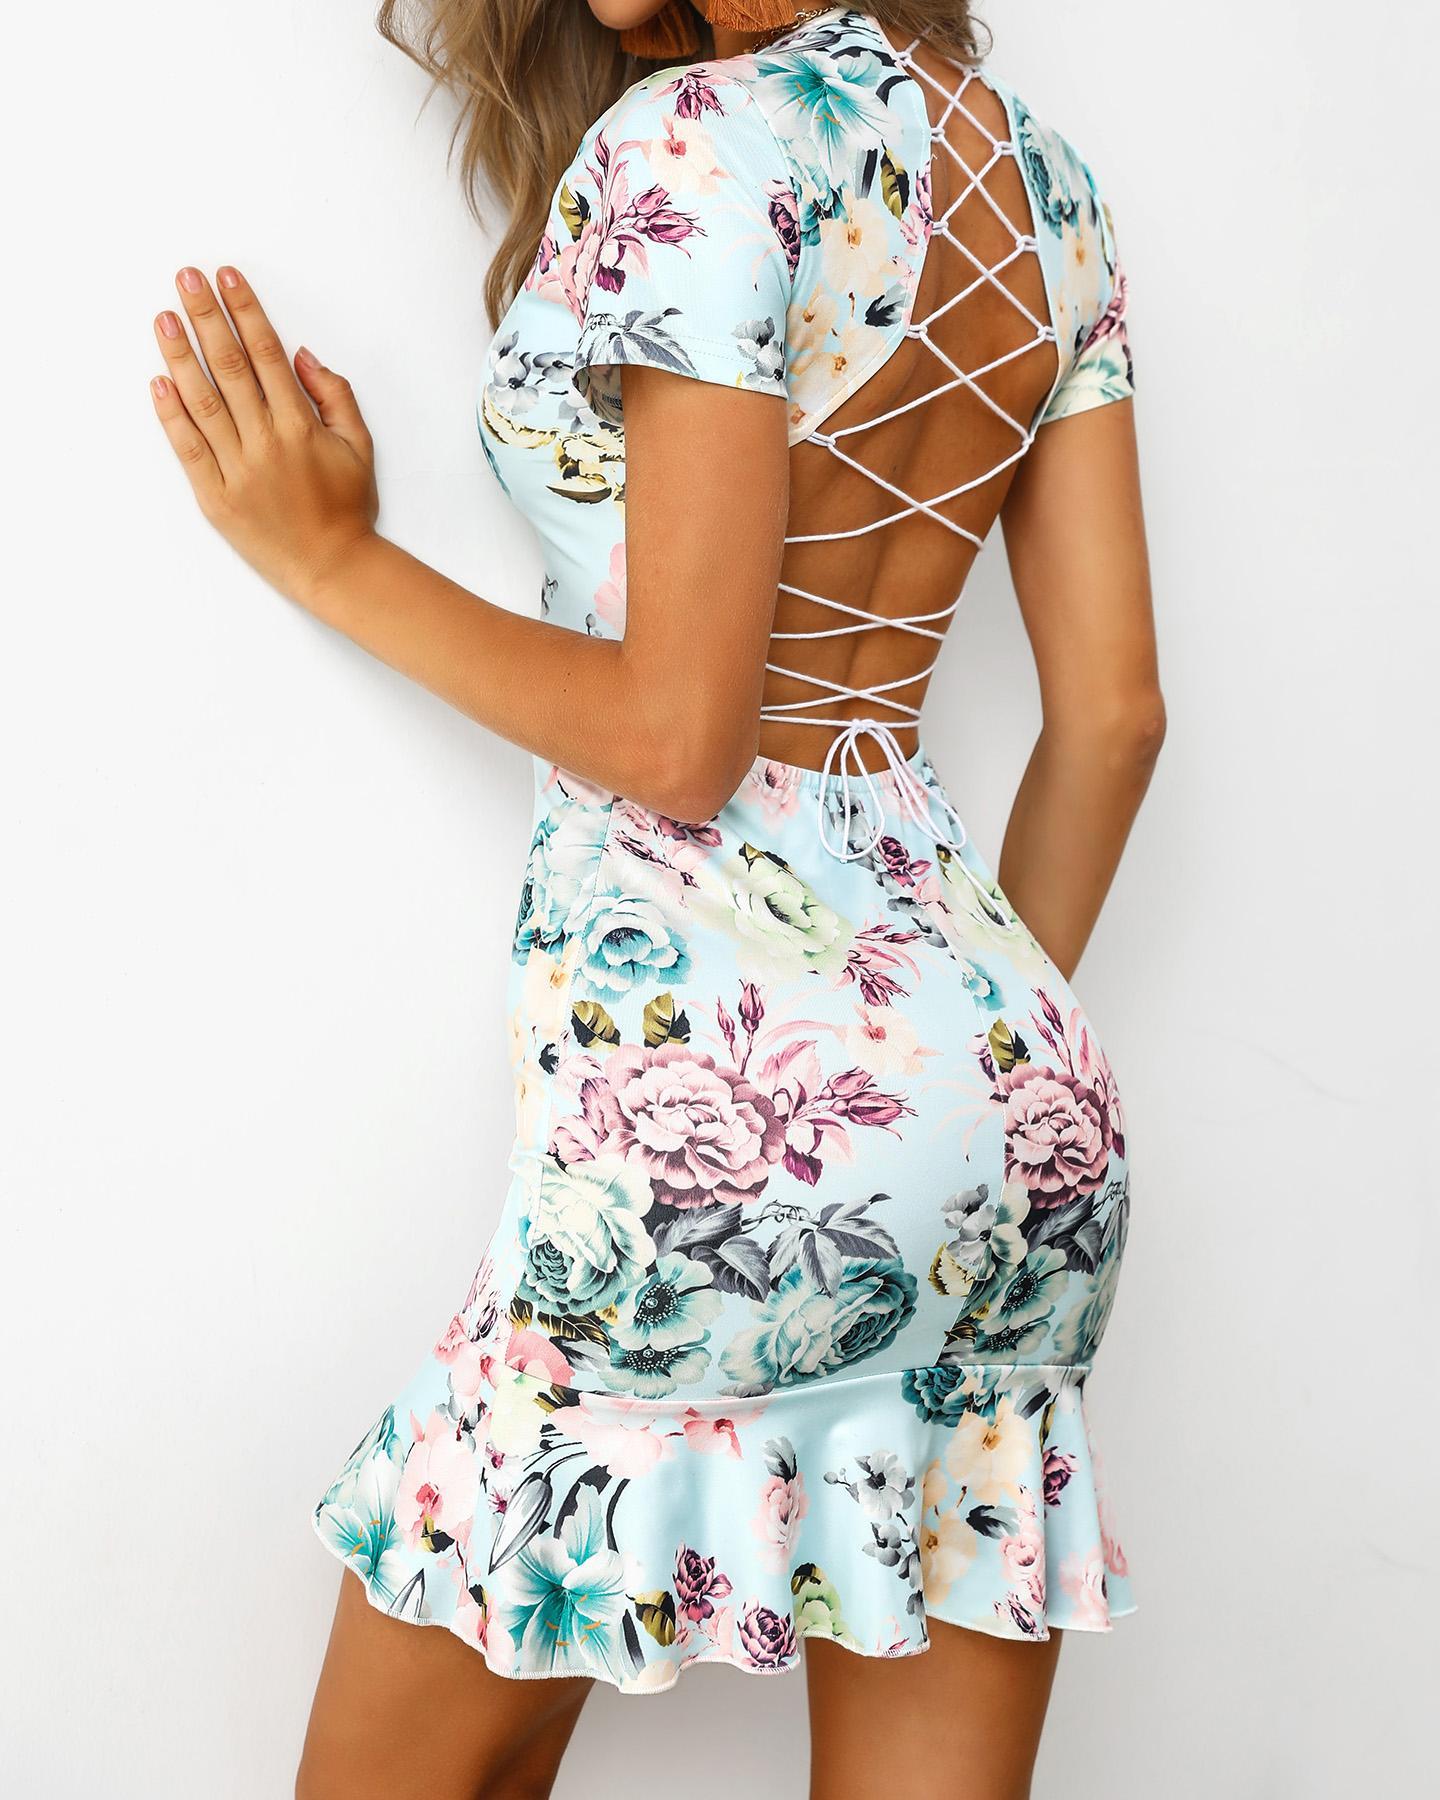 Lace-Up Back Ruffles Print Dress